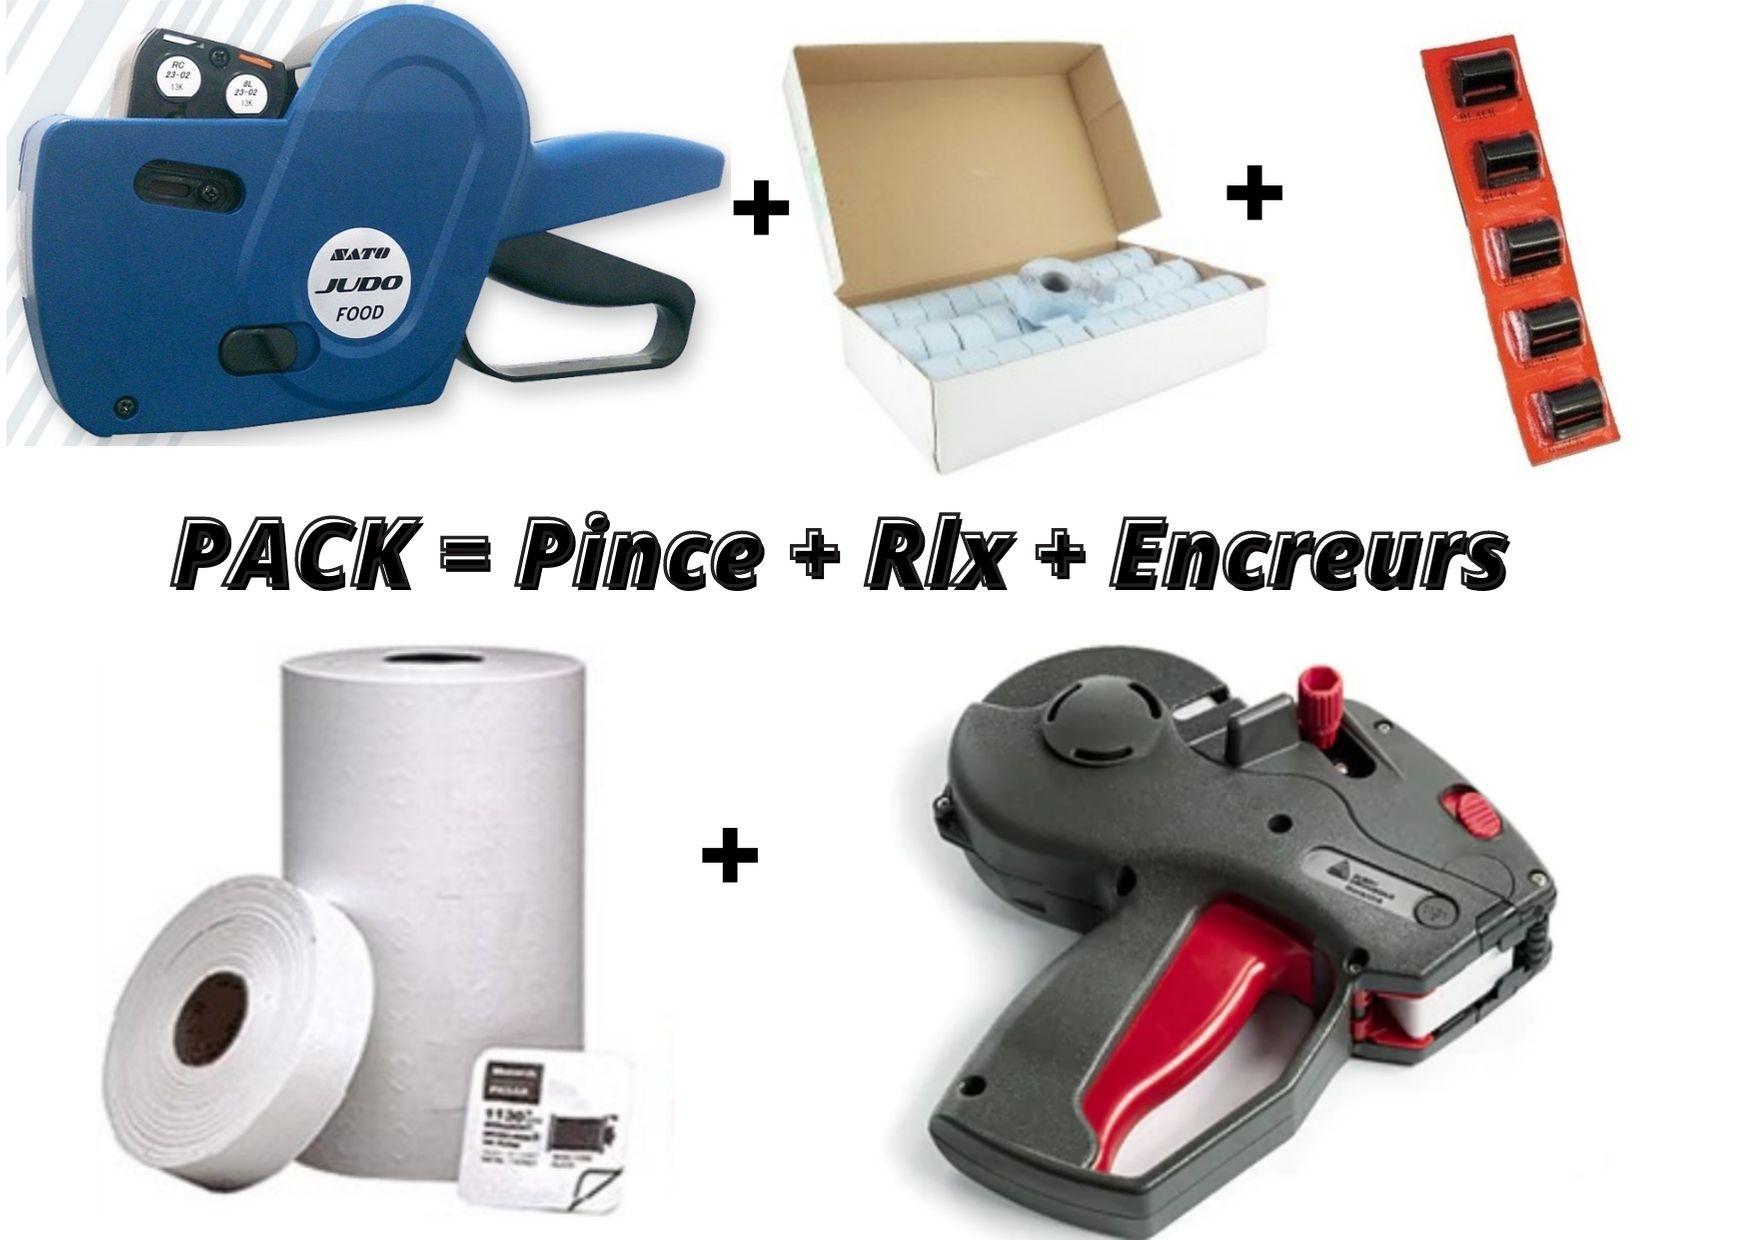 PACK : Machine + Étiquettes